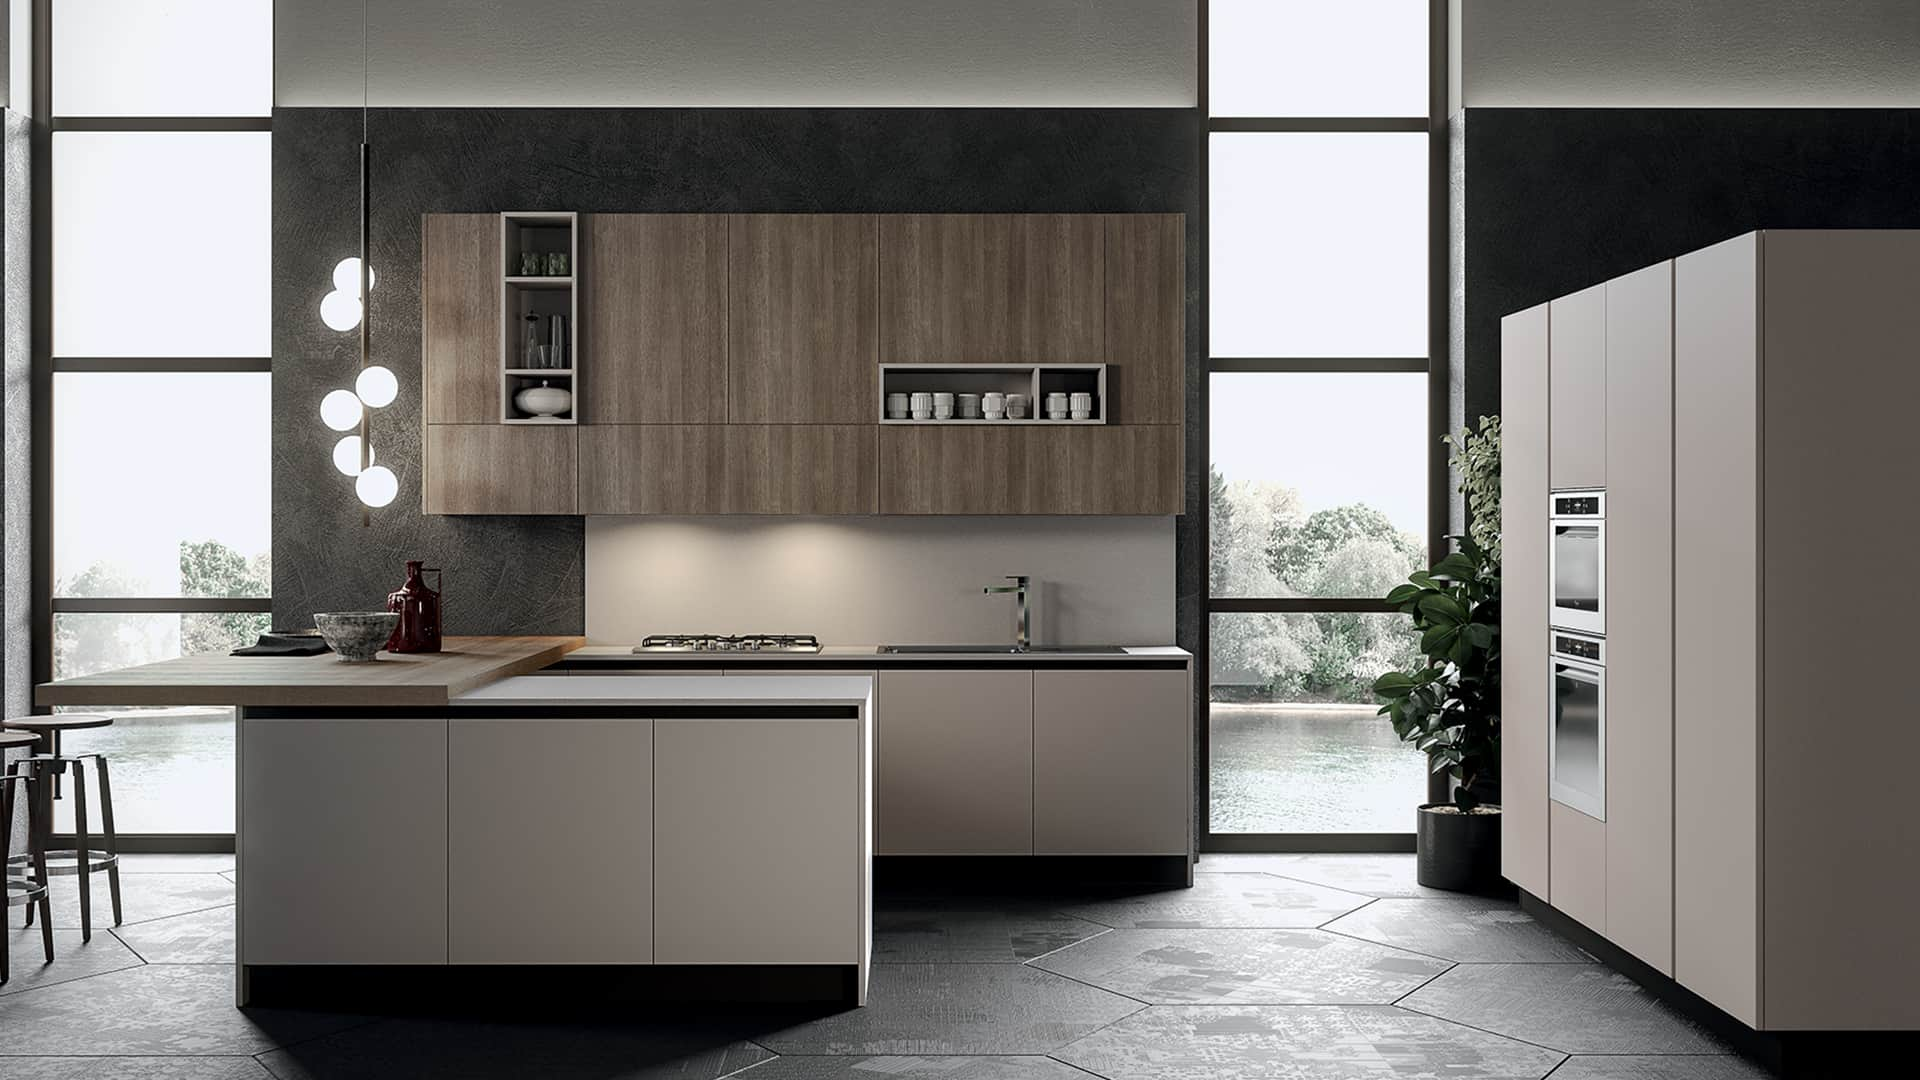 Cucine moderne con penisola padova - Cucina angolare con penisola ...